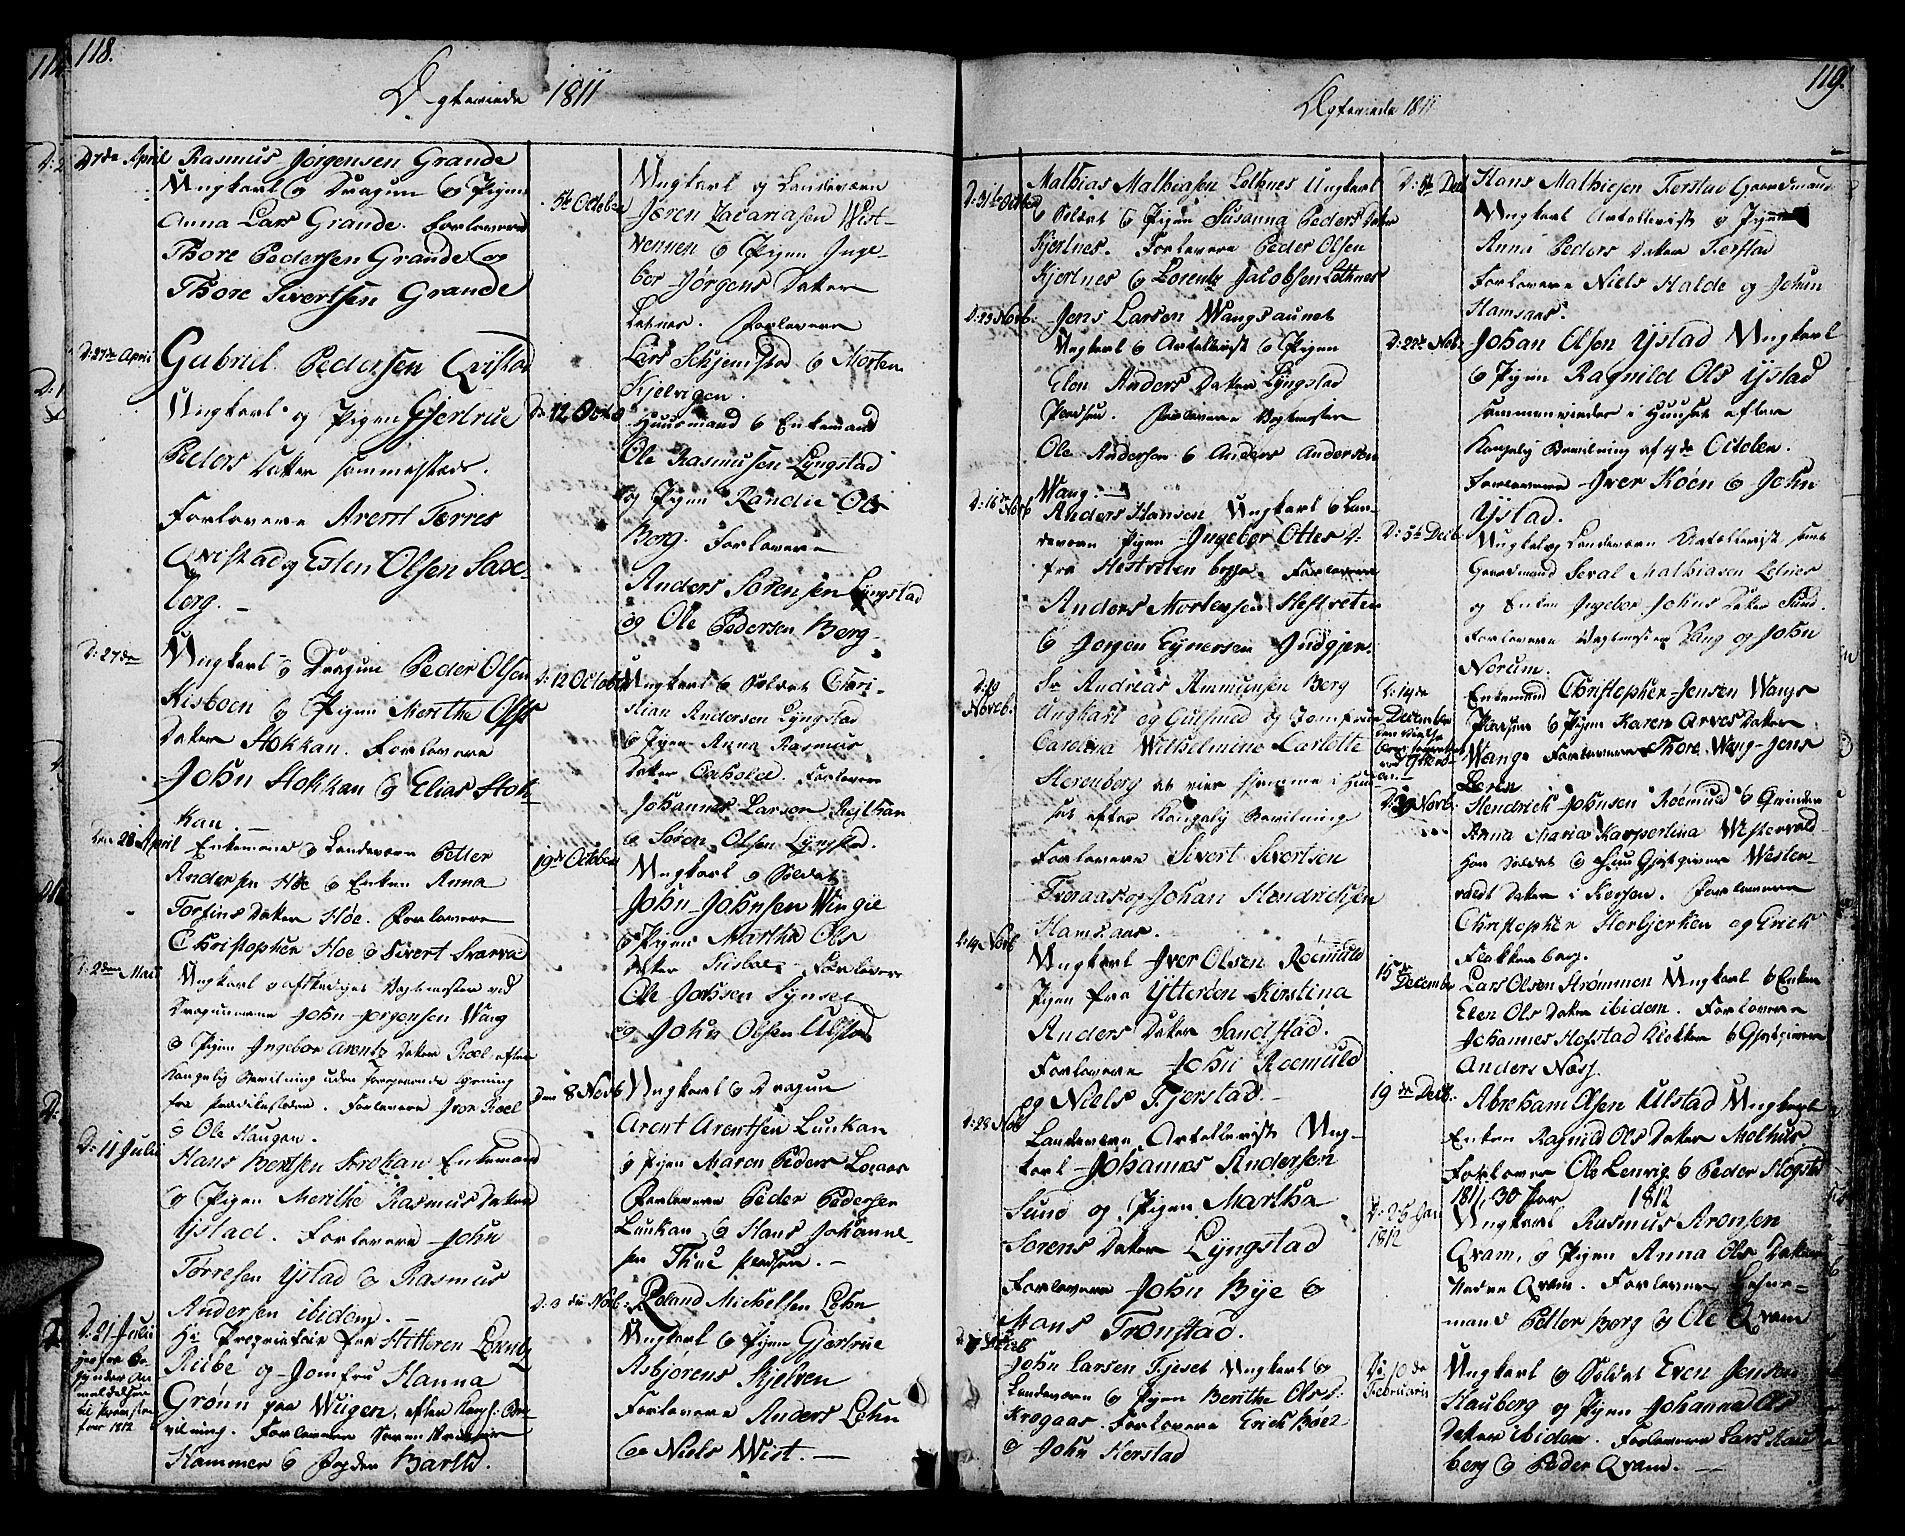 SAT, Ministerialprotokoller, klokkerbøker og fødselsregistre - Nord-Trøndelag, 730/L0274: Ministerialbok nr. 730A03, 1802-1816, s. 118-119